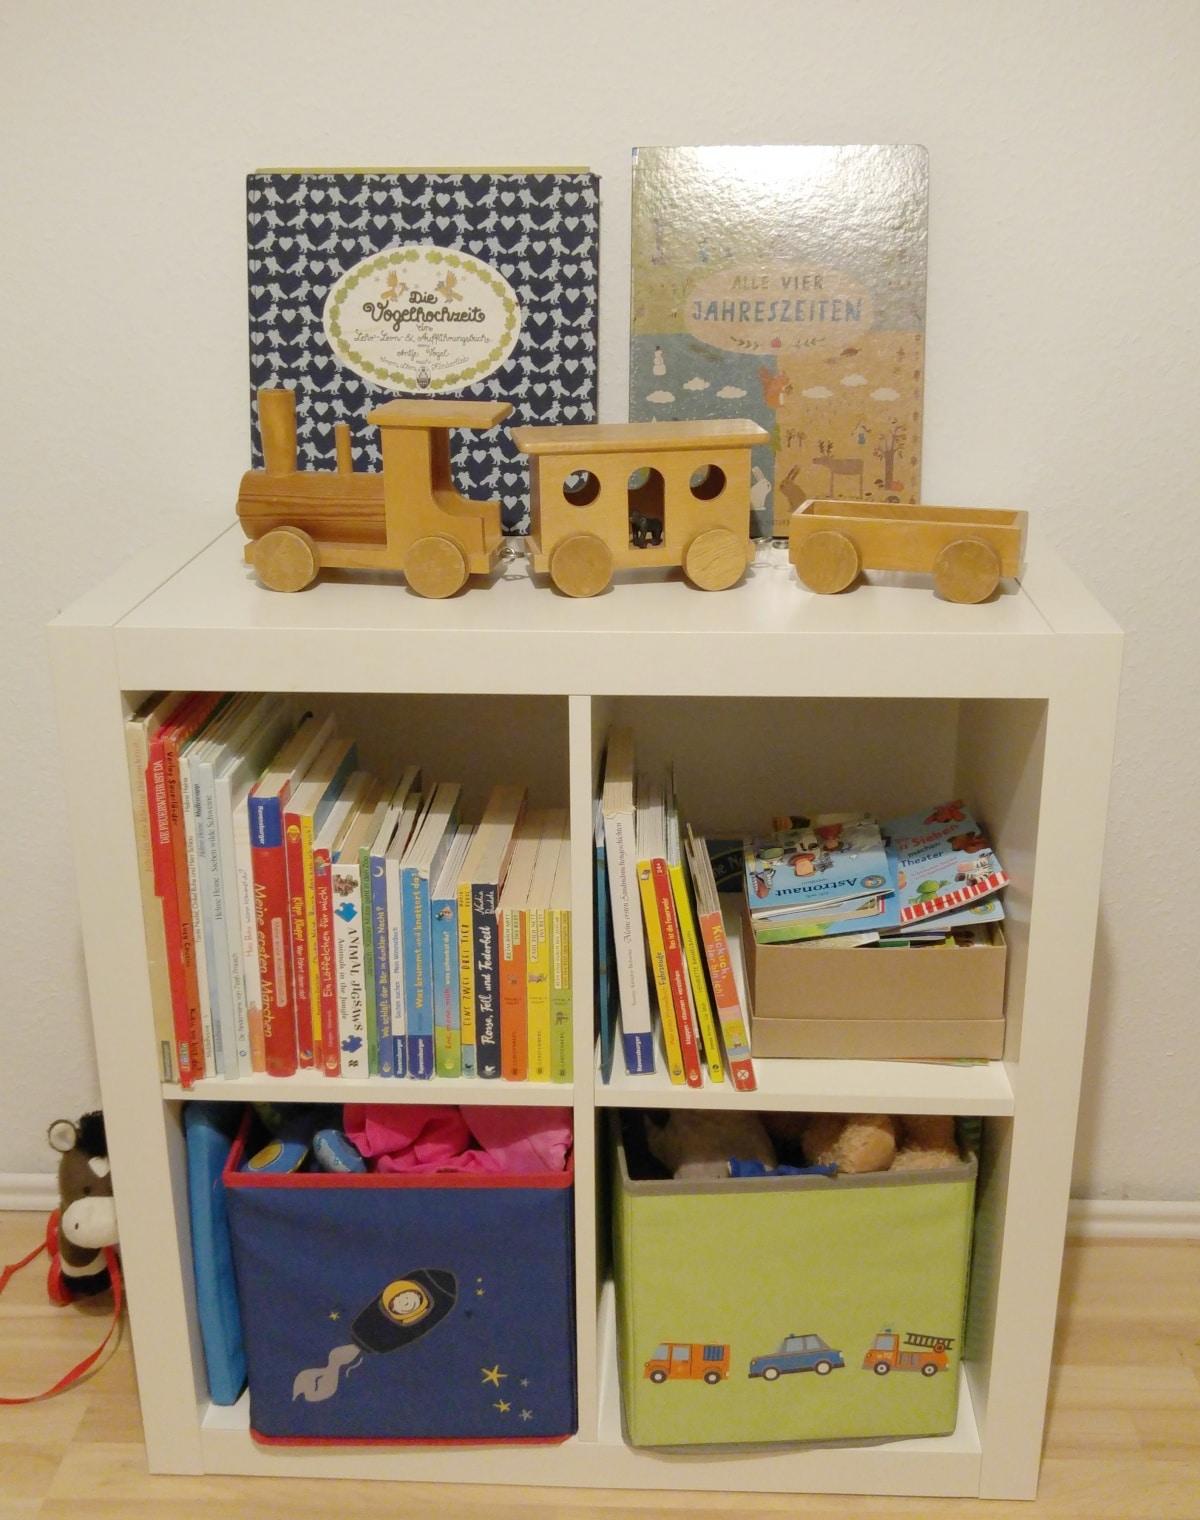 spielzeug nachhaltig schenken kriterien f r die auswahl. Black Bedroom Furniture Sets. Home Design Ideas